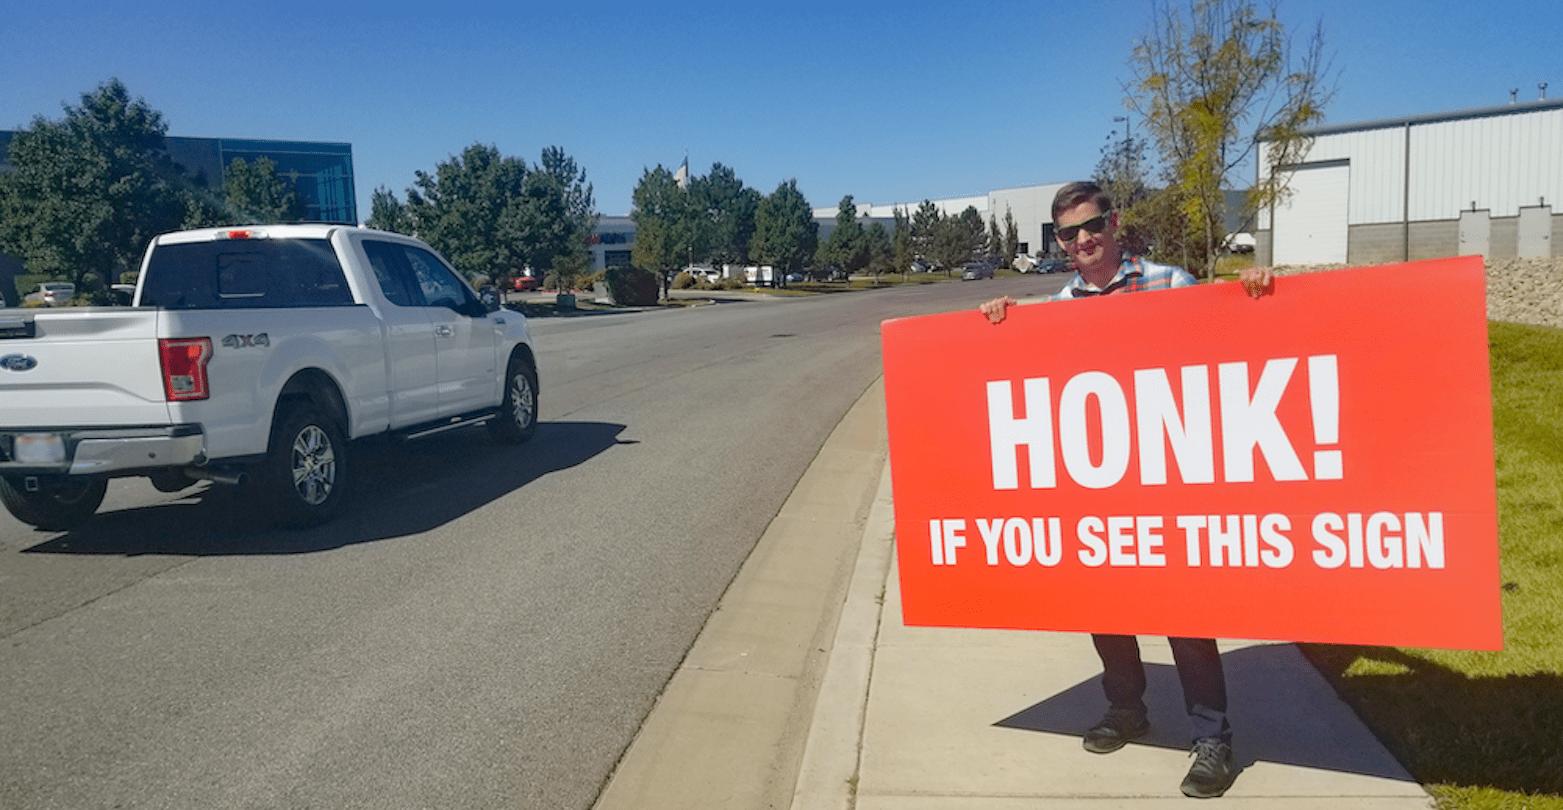 Man holding sign on roadside.